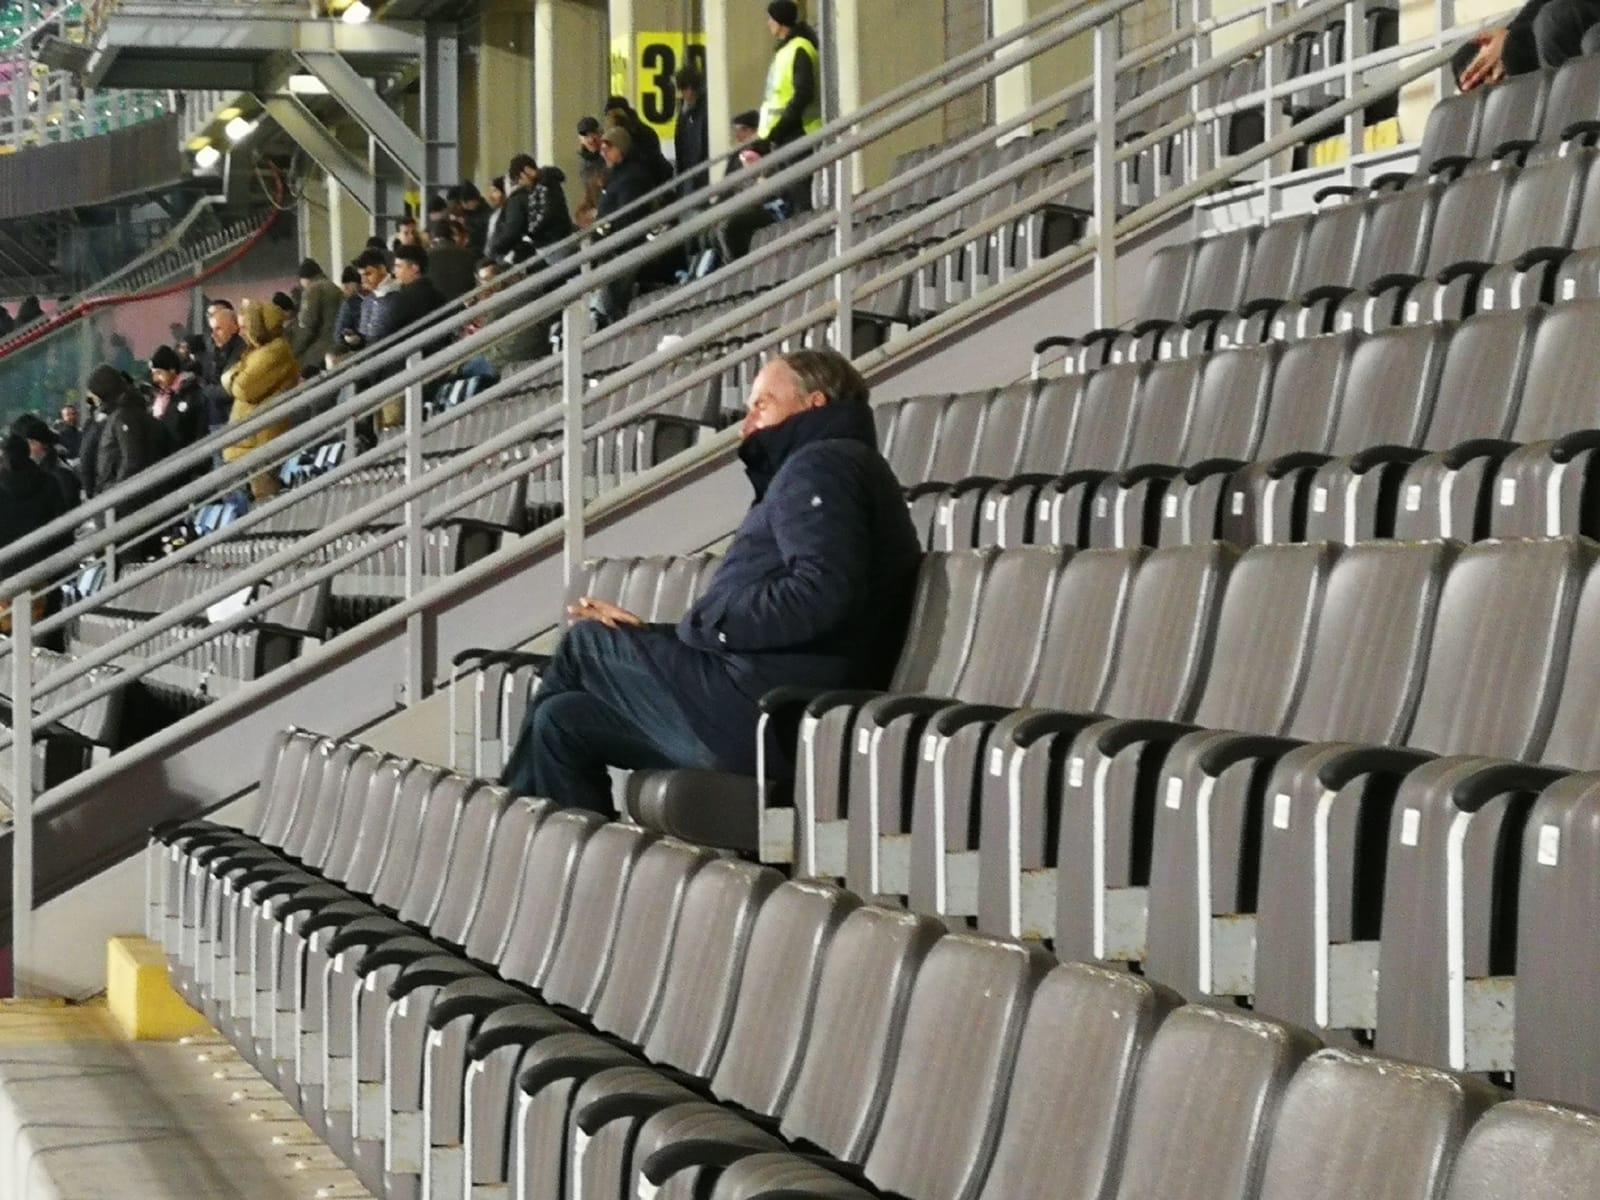 """Zdenek Zeman sugli spalti del Barbera. Anche il tecnico boemo ha voluto assistere al match del Renzo Barbera tra Palermo e Ascoli, prendendo posto in tribuna centrale. Una serata in cui si è registrato un """"discreto"""" dato di pubblico (almeno rispetto alle ultime partite giocate al Barbera):8.262 gli spettatori presenti; 2.210 abbonati e 6.052 possessori di biglietto. LEGGI ANCHE LA DIRETTA TESTUALE DI PALERMO – ASCOLI PALERMO-ASCOLI: IL CLAMOROSO AUTOGOL DI PERUCCHINI / FOTO – VIDEO SOLIDARIETA' DAL BARBERA: """"VICINI ALLE FAMIGLIE DEI PAESI ETNEI"""" """"MI RITORNI IN MENTE"""": 90° MINUTO E TONINO CARINO DA ASCOLI"""